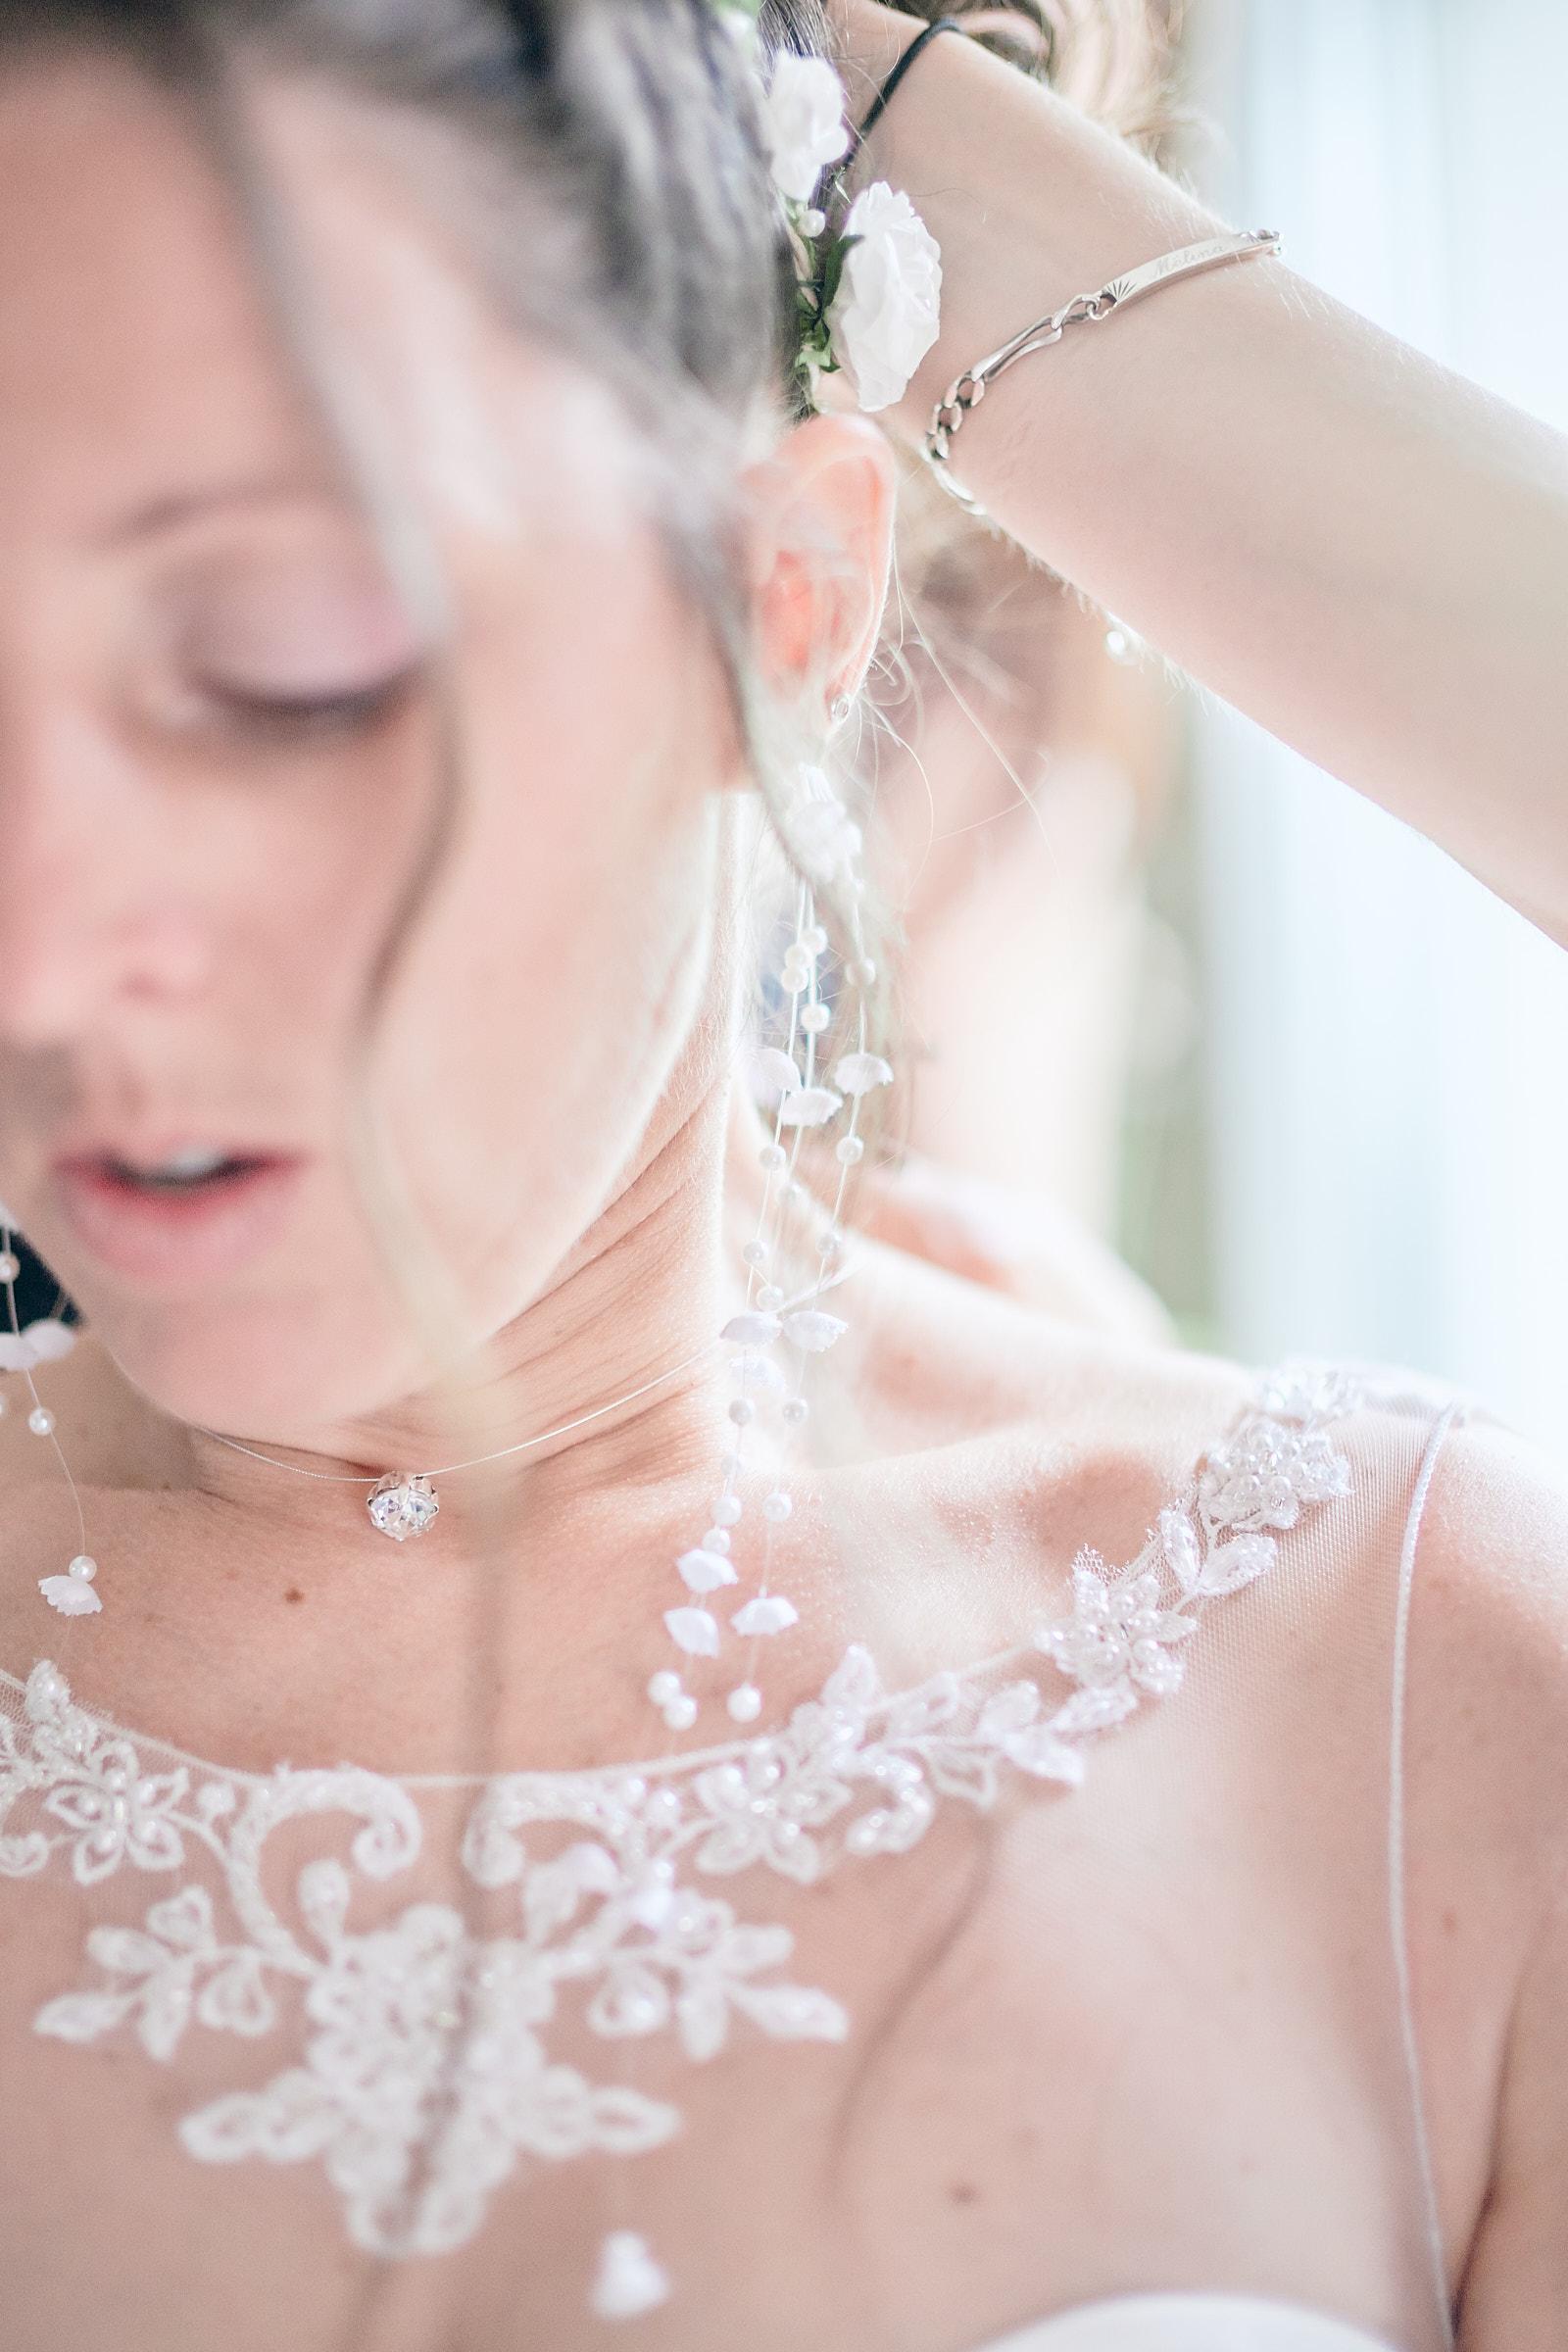 détail des accessoires de la mariée